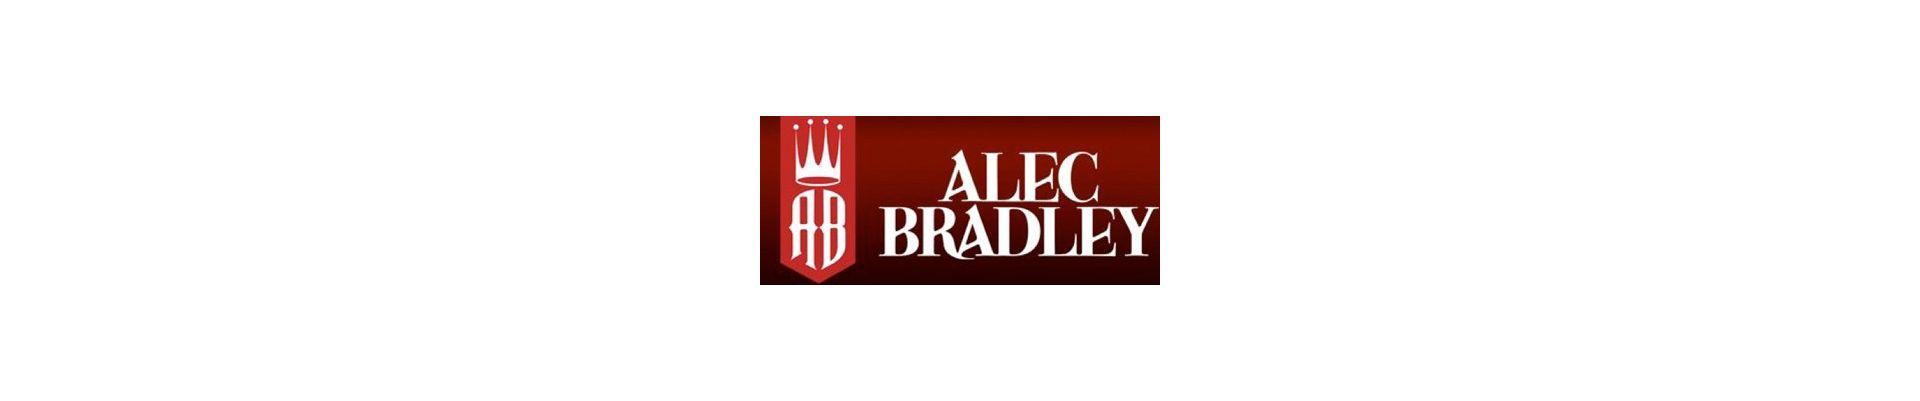 Trabucuri Alec Bradley.Cumpara accesorii pentru trabucuri Alec Bradley